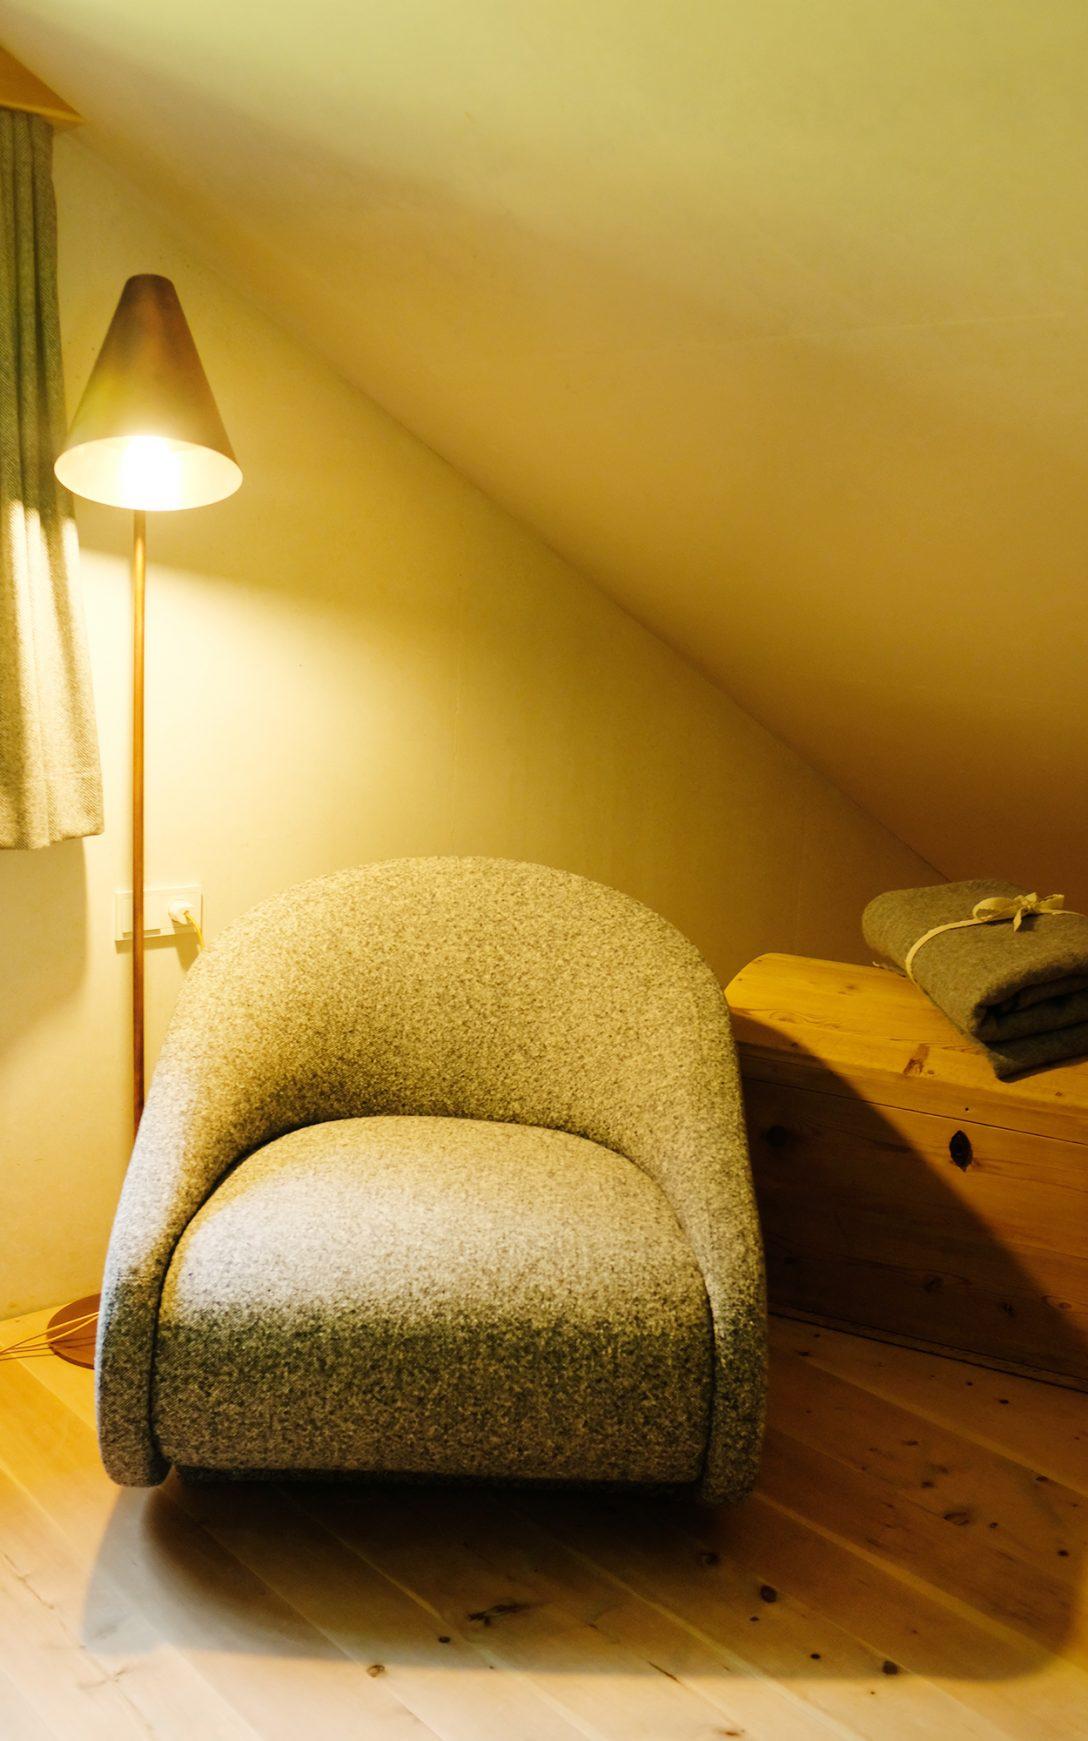 Large Size of Sessel Schlafzimmer Alpen Wohlgeraten Set Landhaus Komplett Guenstig Kommode Stuhl Günstige Kommoden Deckenlampe Weiß Günstig Deckenleuchten Rauch Led Schlafzimmer Sessel Schlafzimmer